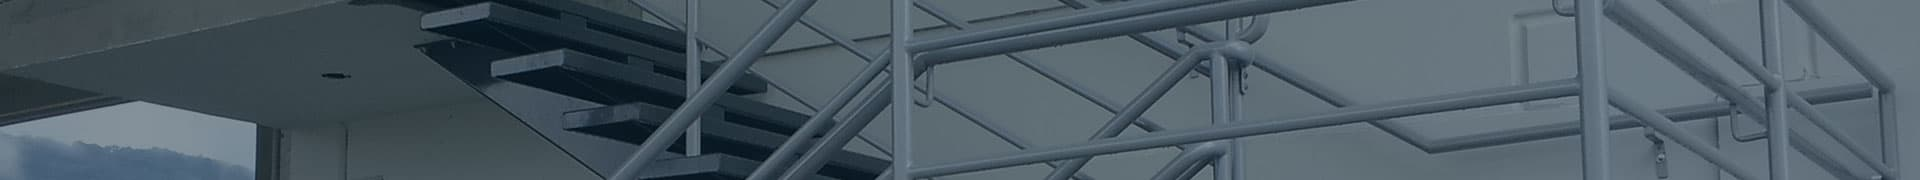 escada-metalica